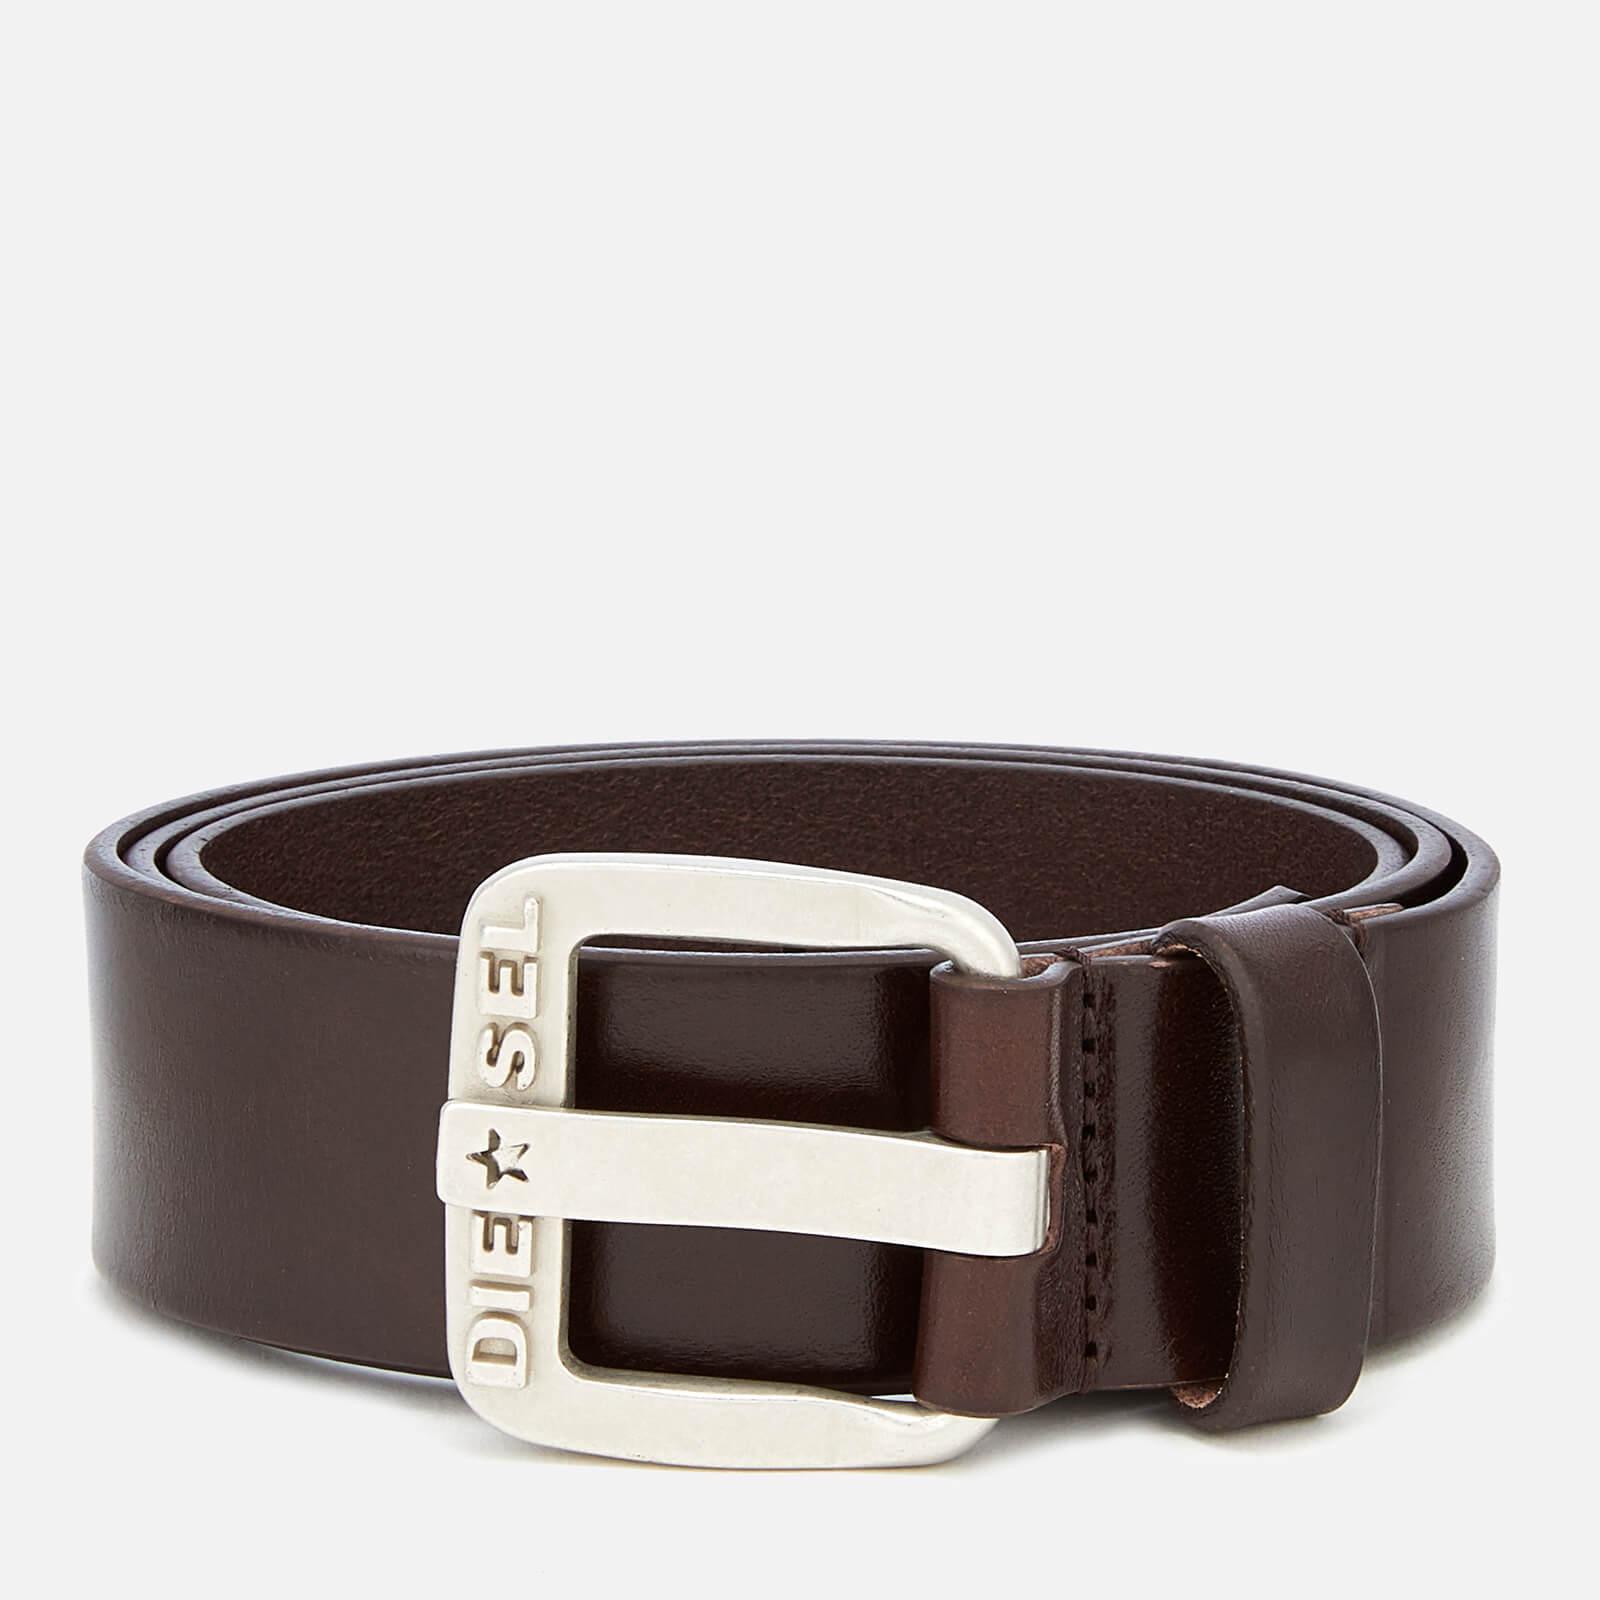 Diesel Men's B-Star Leather Belt - Brown - W42/105cm - Brown